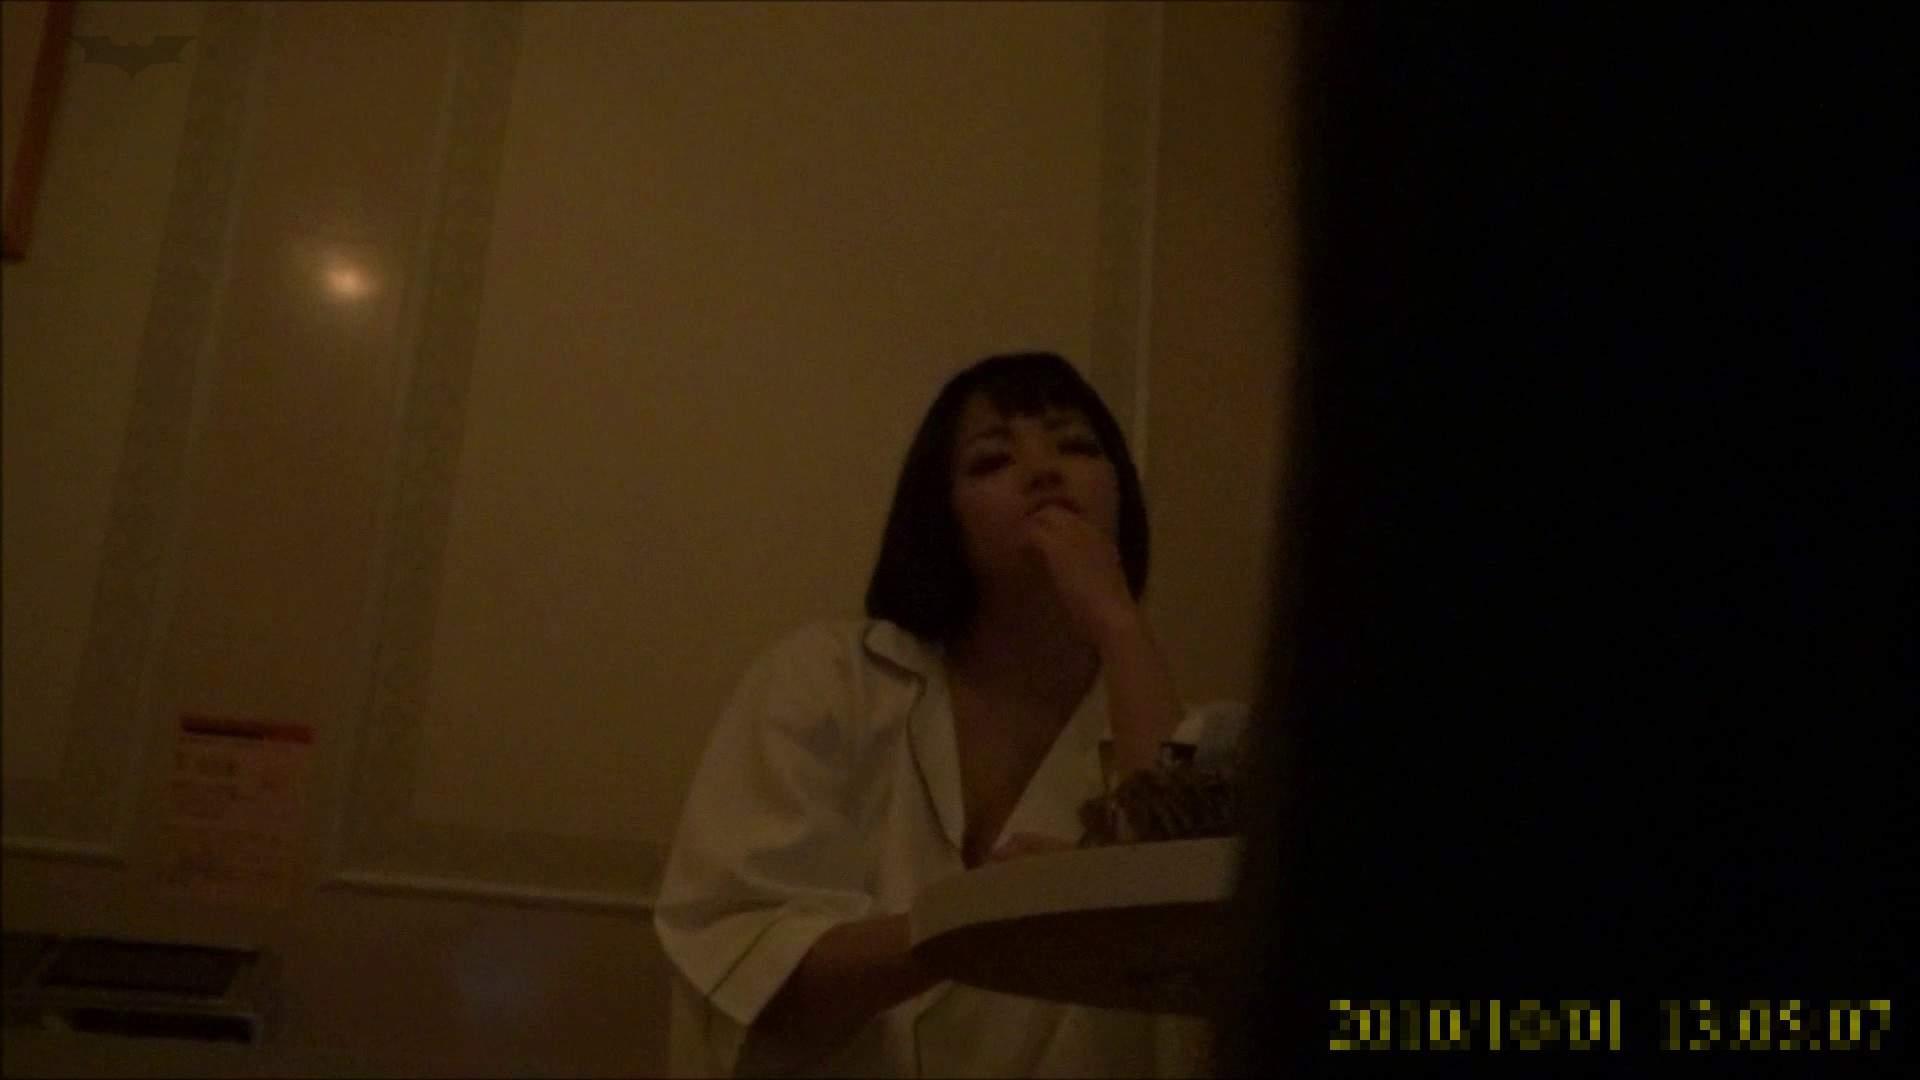 【未公開】vol.96 {茶髪→黒髪ギャル}美巨乳アミちゃん③【前編】 トイレ中   ホテル  96連発 23